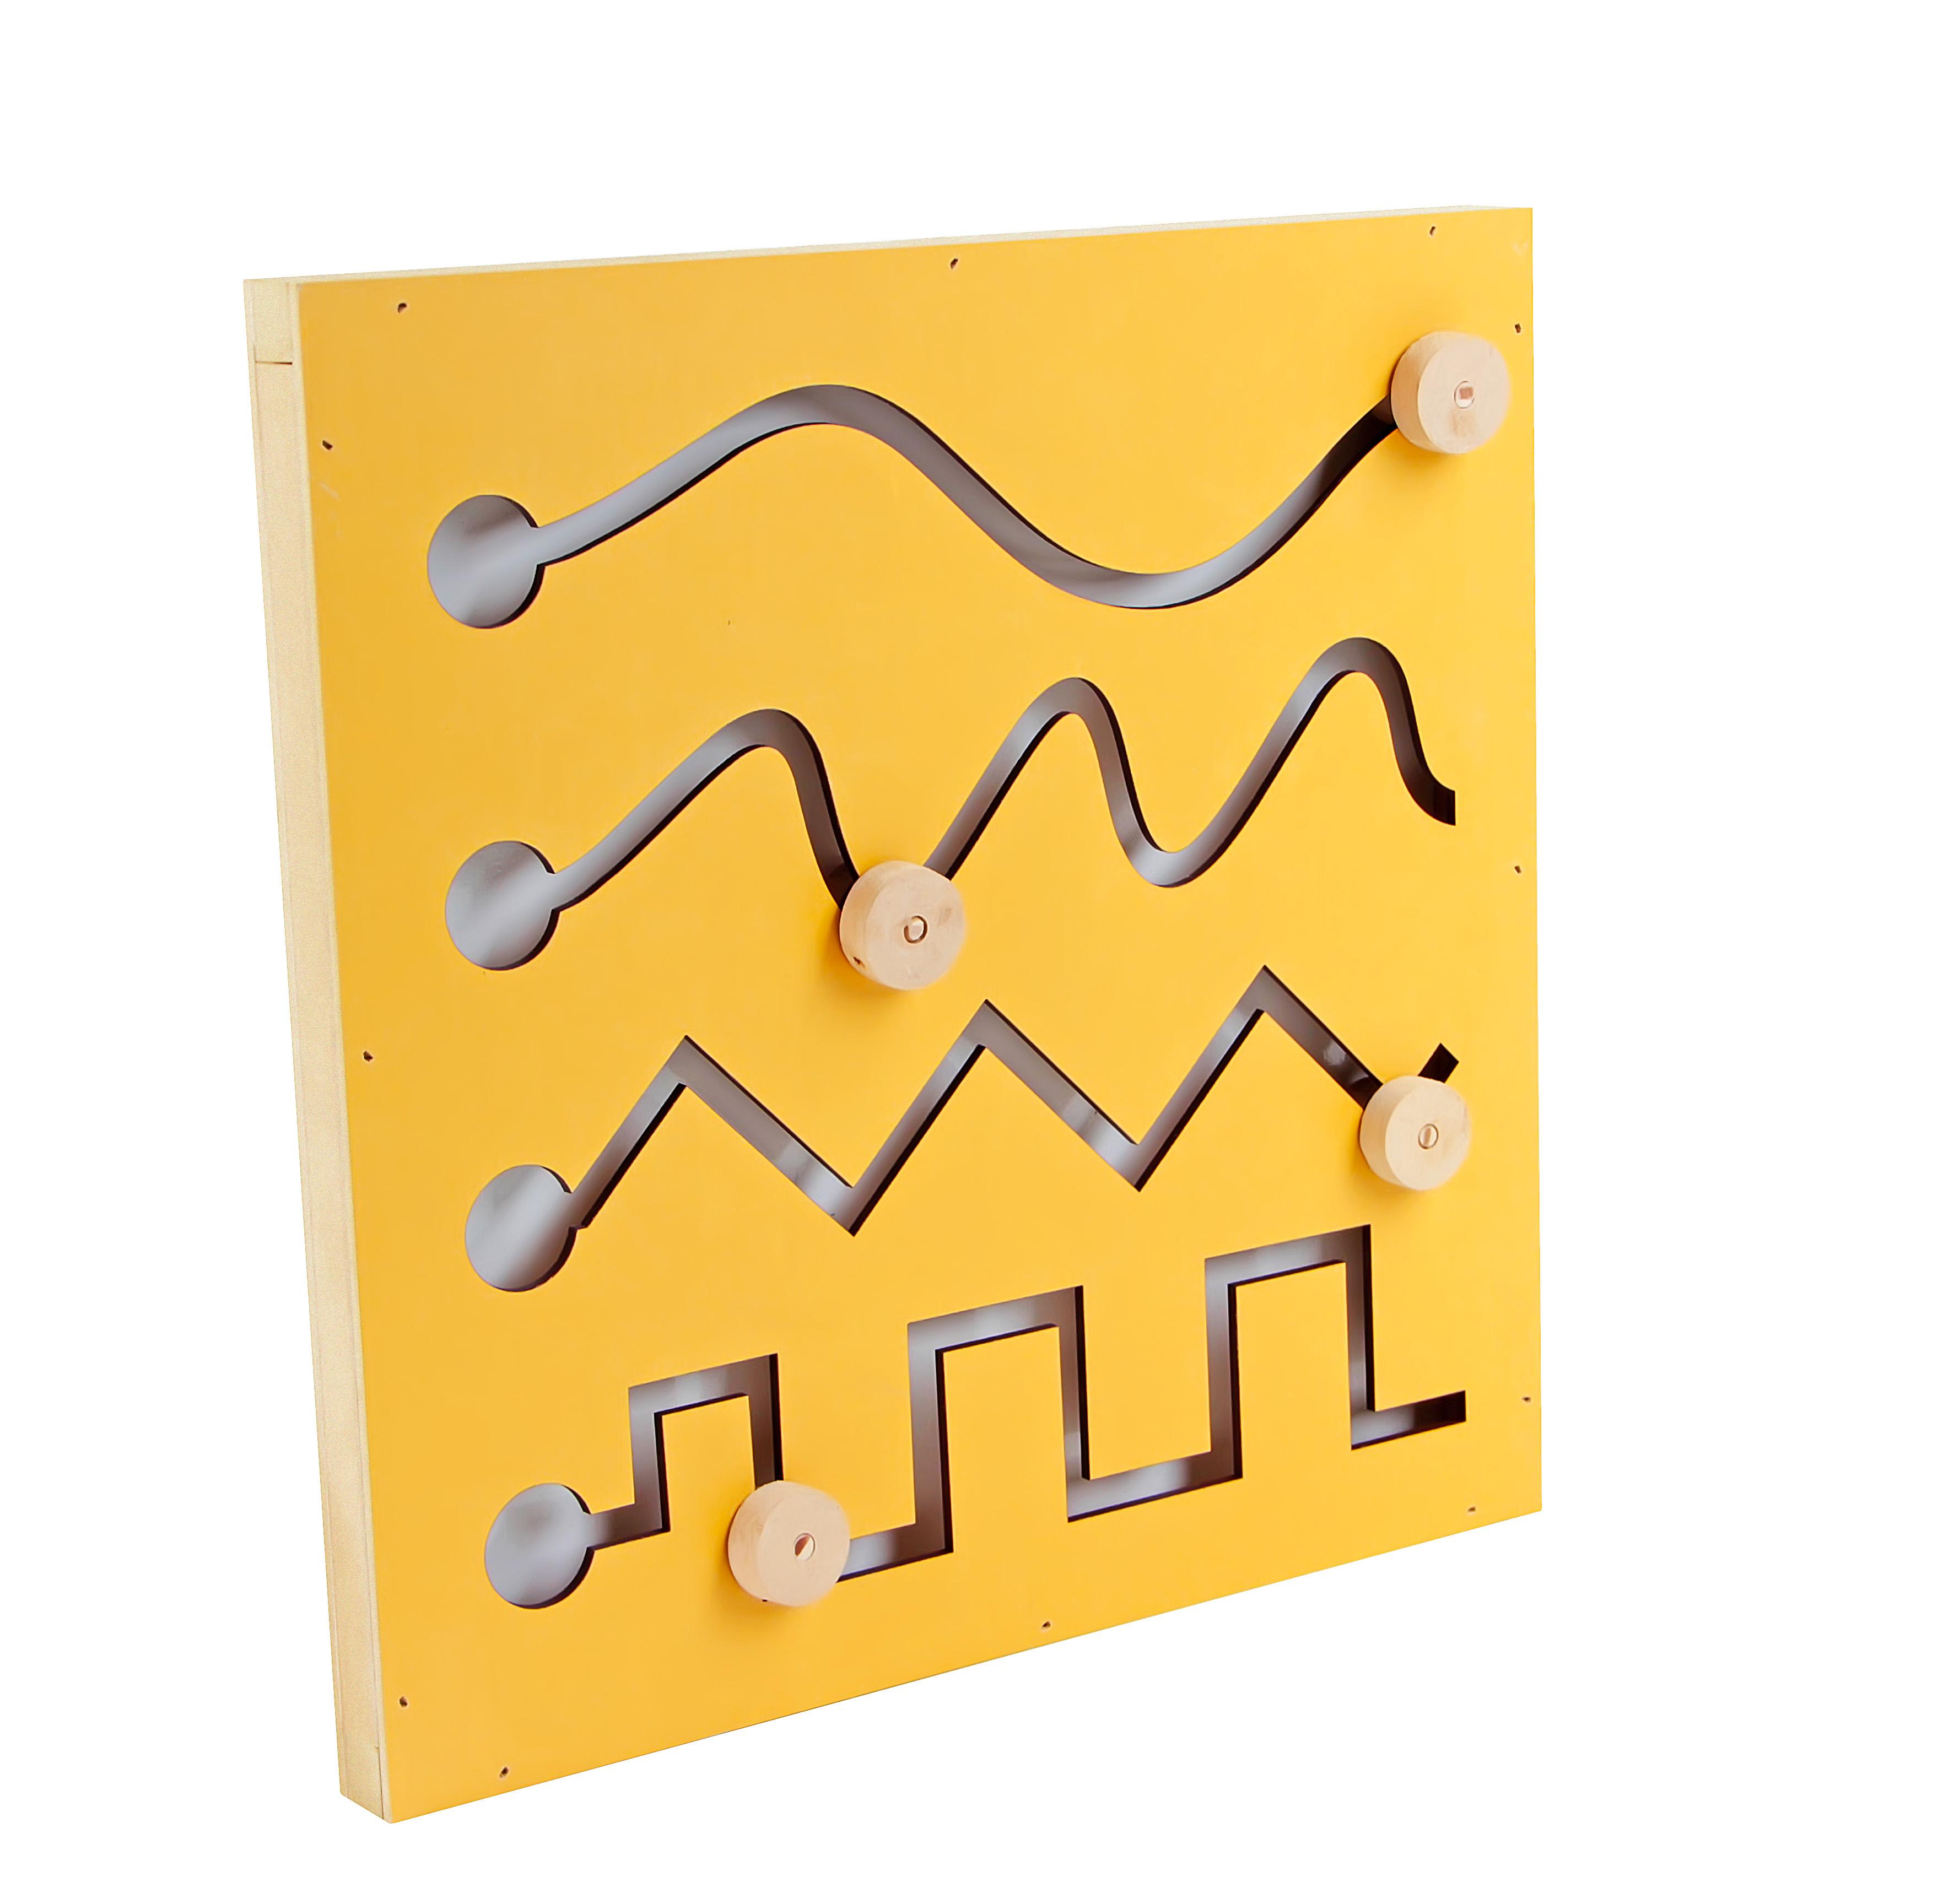 Painéis psicomotores - MDF - Kit com 4 unidades Carlu. Ref: 1589